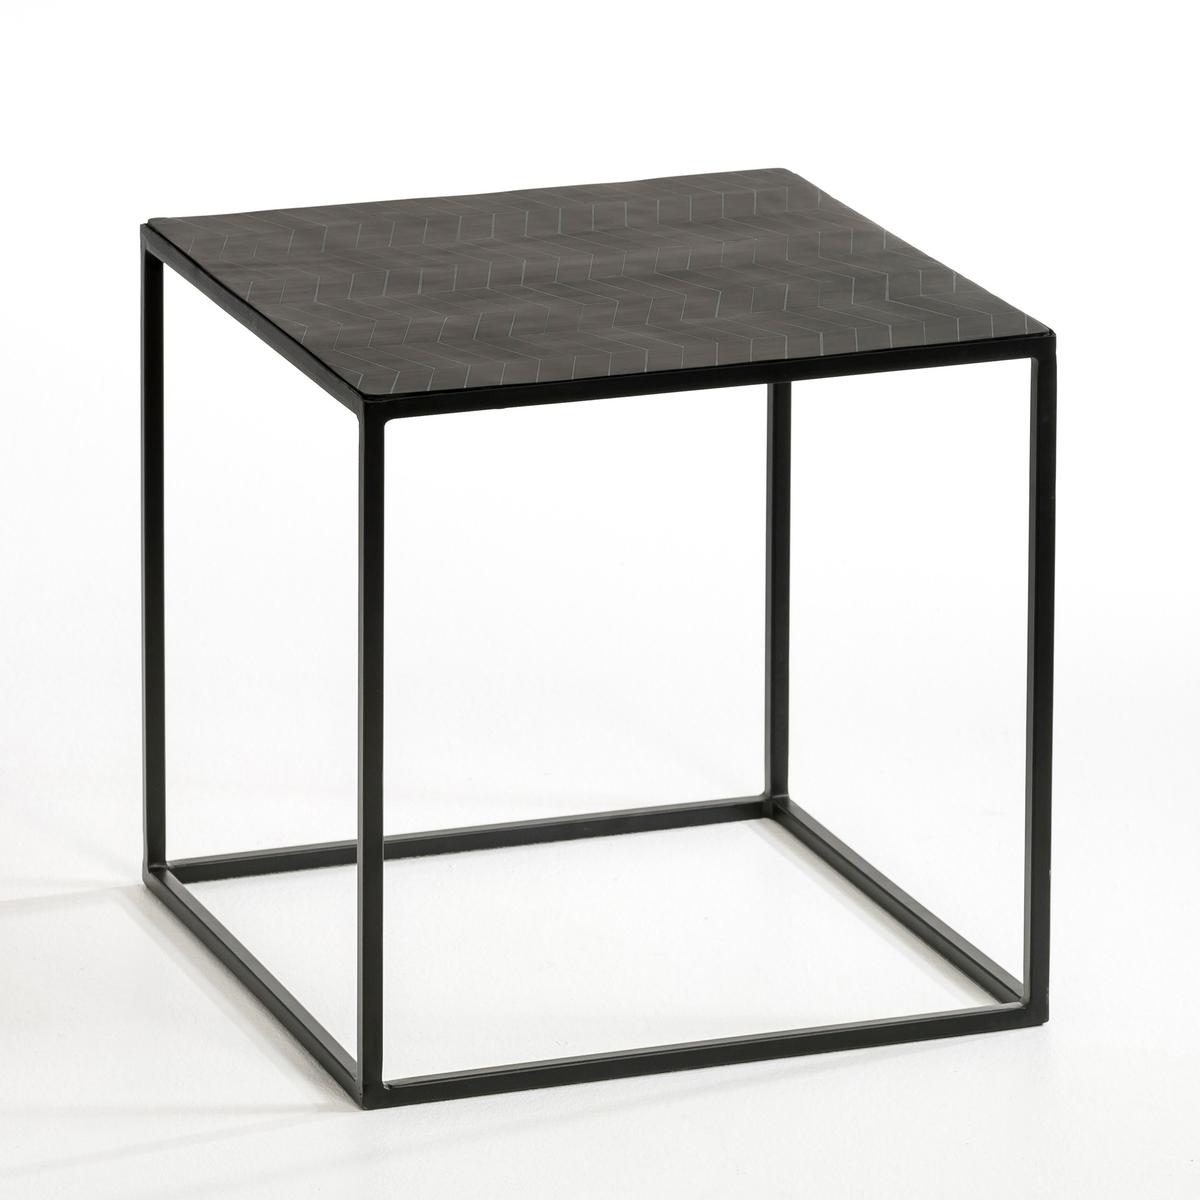 Столик журнальный ElrosЖурнальный столик или низкий мини столик, или прикроватный столик ...- Столешница из пластика черного цвета .- Каркас из металла .- Размер. 40 x 40 x 40 см .<br><br>Цвет: черный